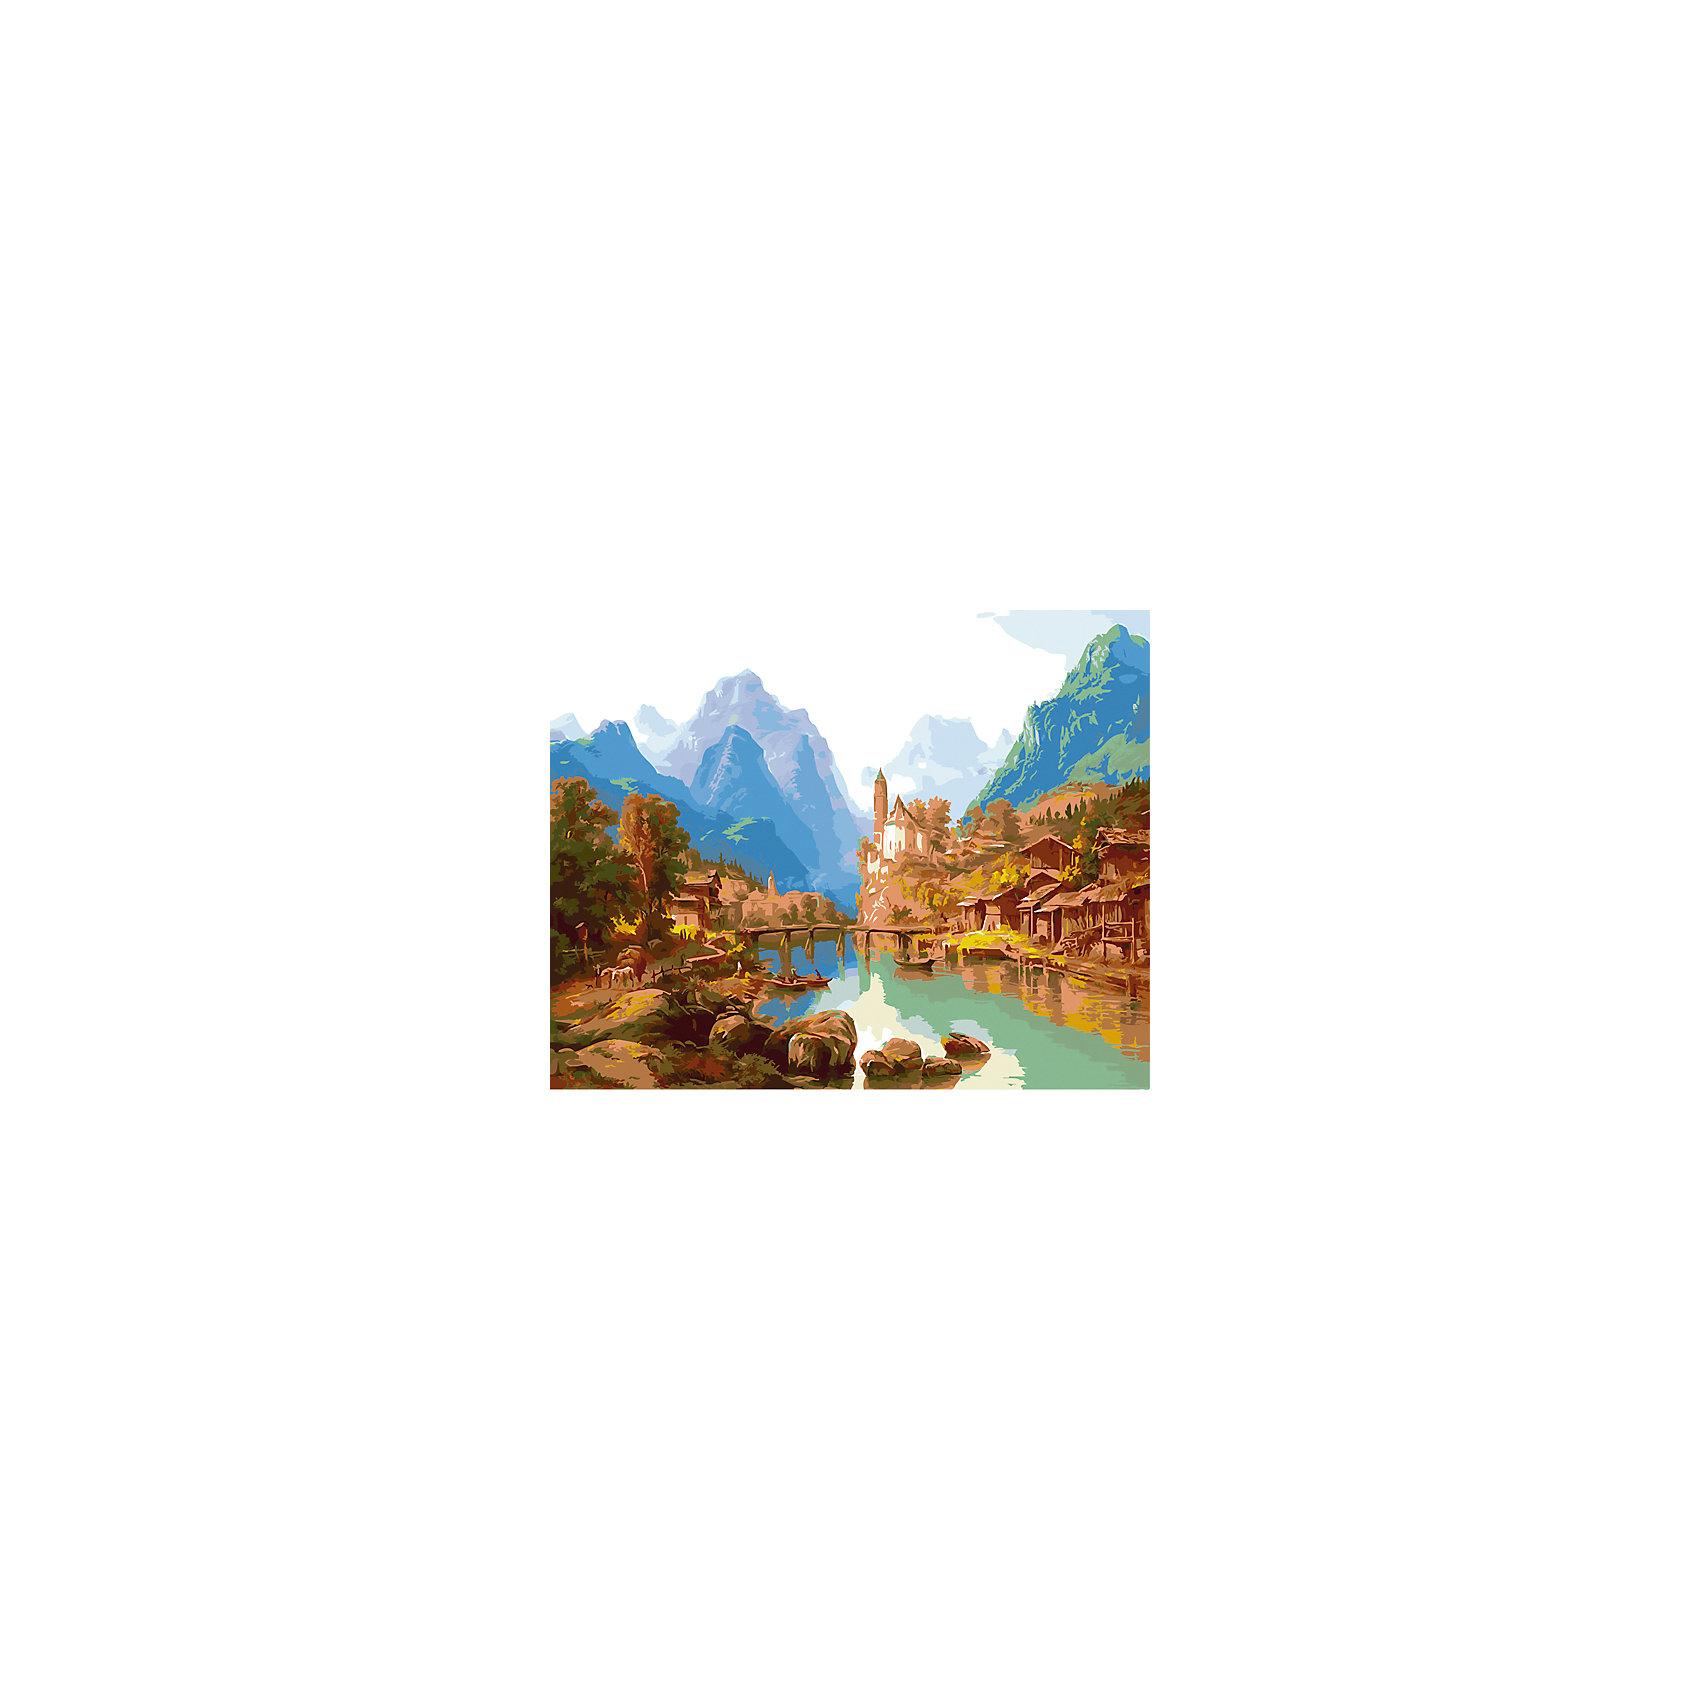 Холст с красками по номерам Горный пейзаж 40х50замечательные наборы для создания уникального шедевра изобразительного искусства. Создание картин на специально подготовленной рабочей поверхности – это уникальная техника, позволяющая делать Ваши шедевры более яркими и реалистичными. Просто нанесите мазки на уже готовый эскиз и оживите картину! Готовые изделия могут стать украшением интерьера или прекрасным подарком близким и друзьям.<br><br>Ширина мм: 510<br>Глубина мм: 410<br>Высота мм: 25<br>Вес г: 900<br>Возраст от месяцев: 36<br>Возраст до месяцев: 108<br>Пол: Унисекс<br>Возраст: Детский<br>SKU: 5096761